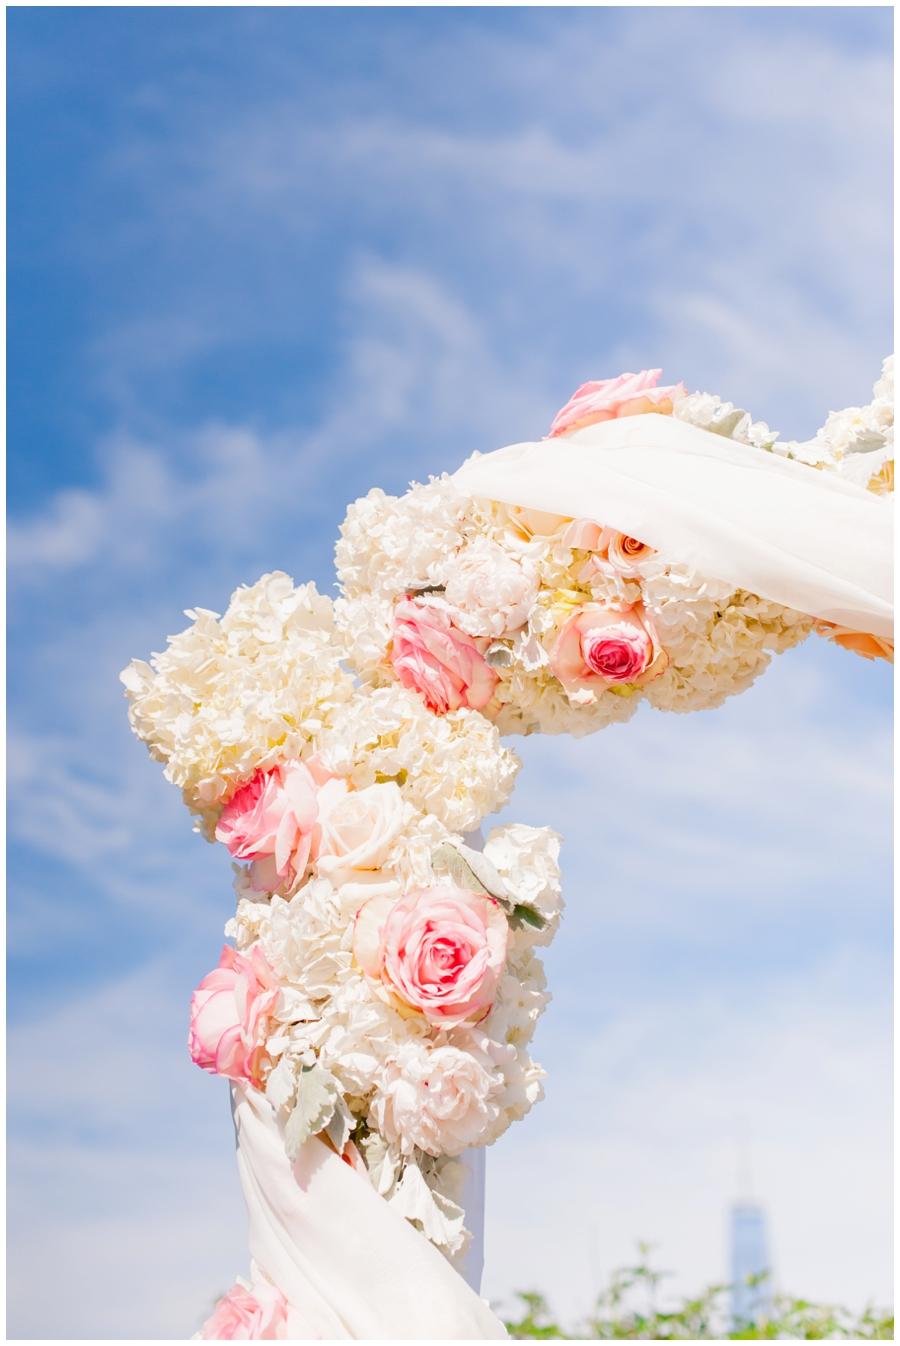 Ariane Moshayedi Photography - Wedding Photographer Orange County Newport Beach_0245.jpg